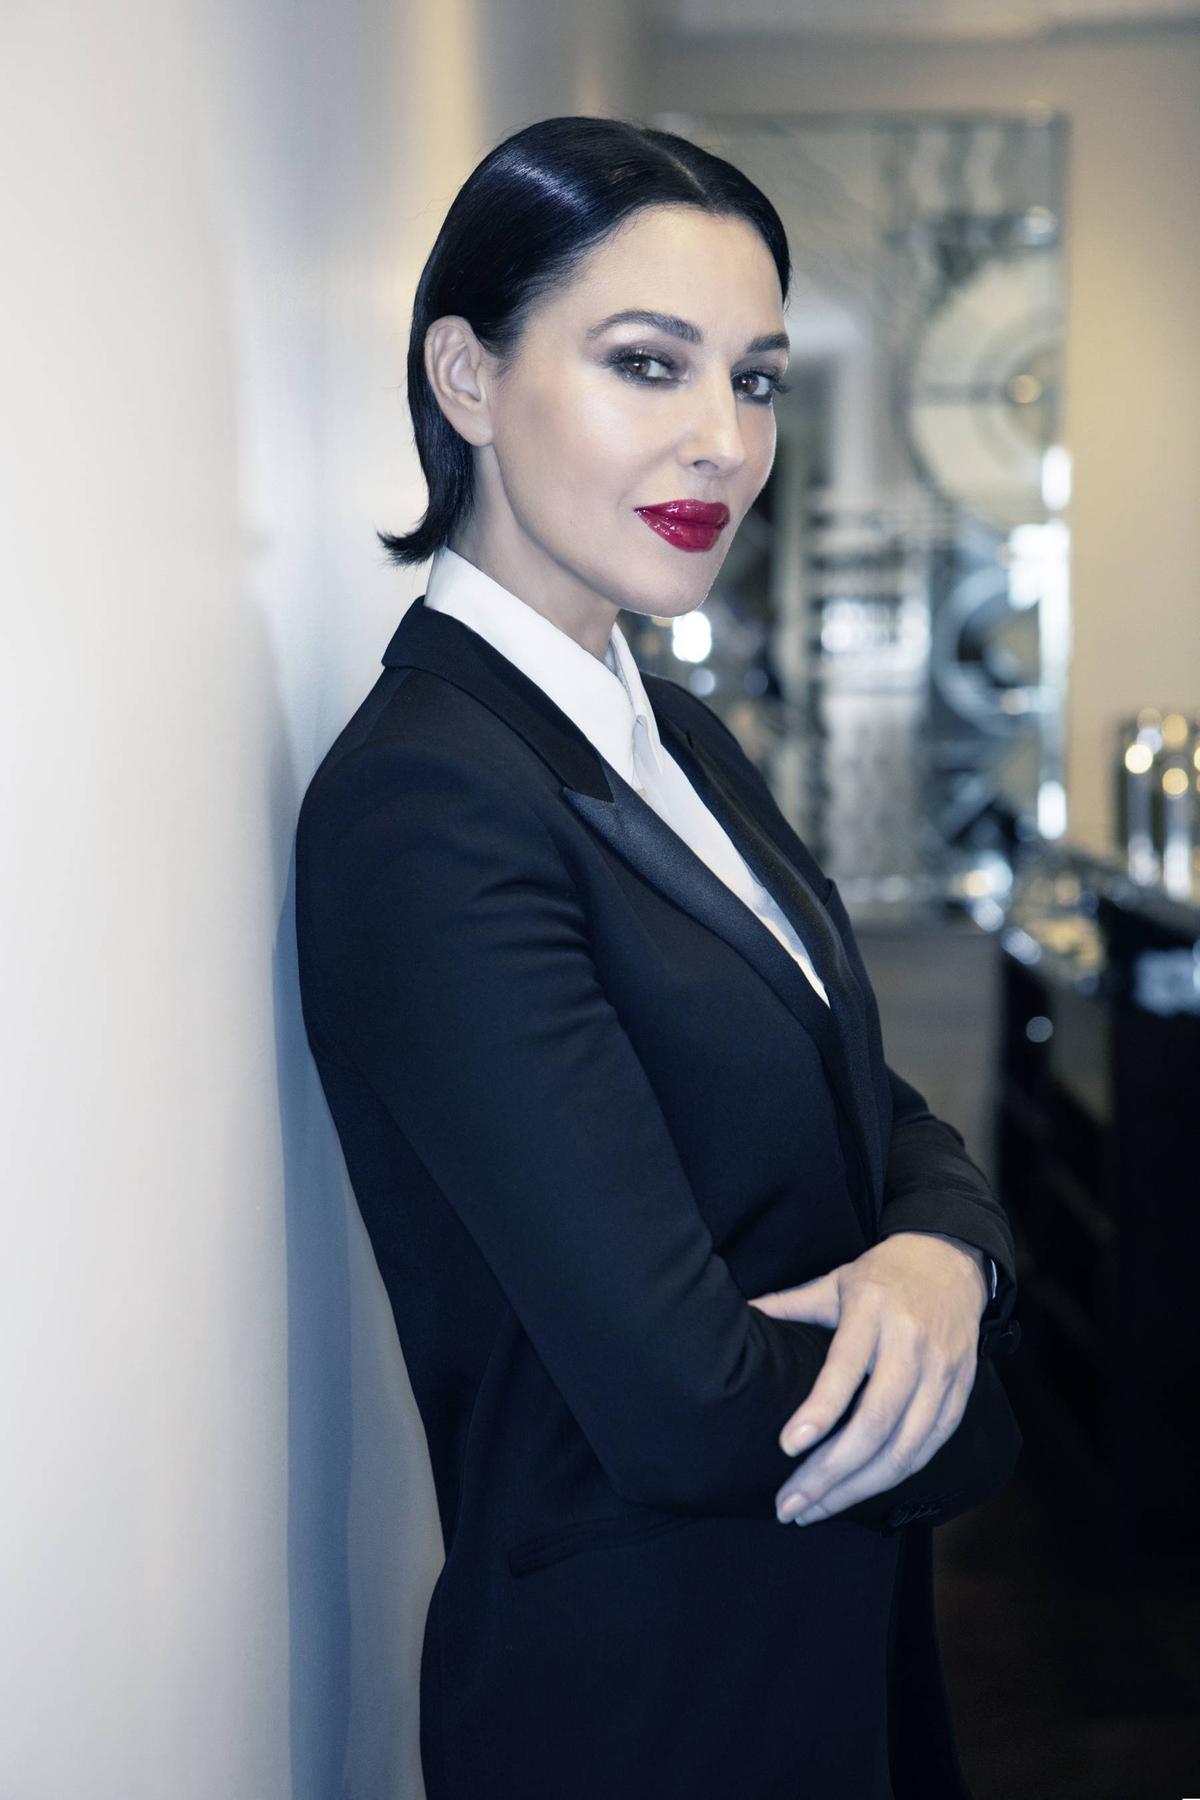 Моника Беллуччи фотосессия Мадам Фигаро